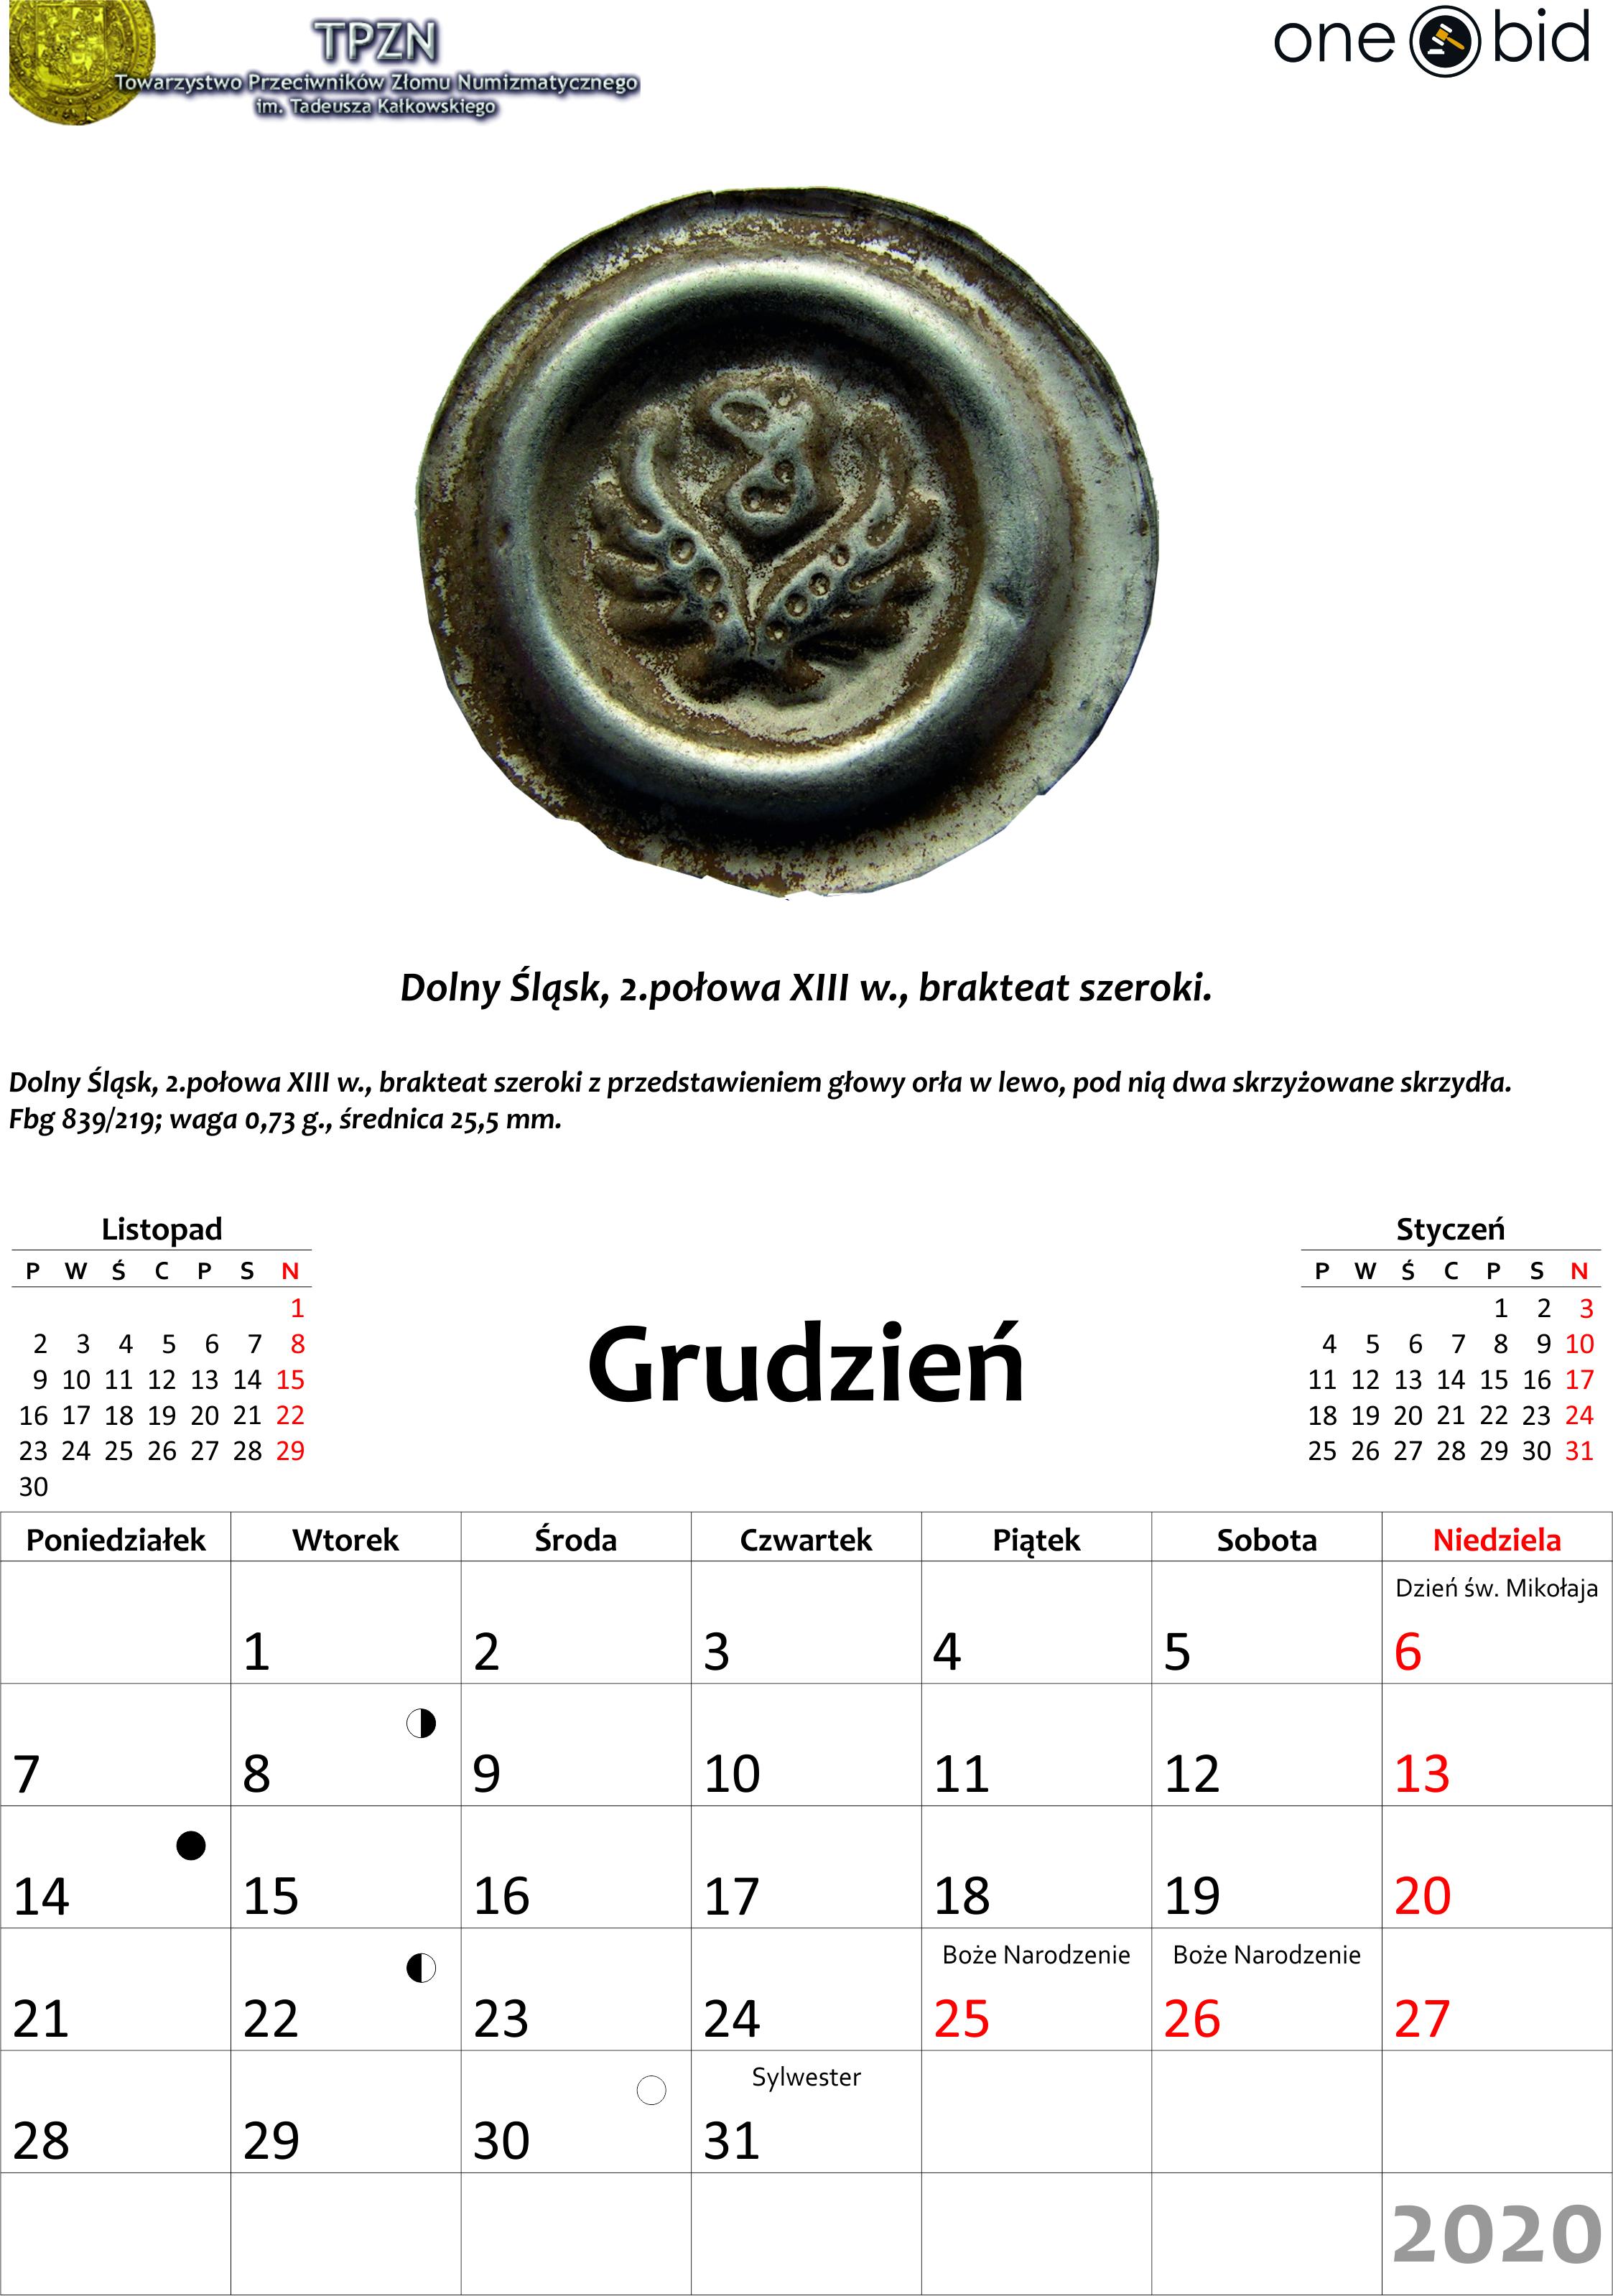 http://info.tpzn.pl/kalendarze/kalendarz2020/grudzien.jpg